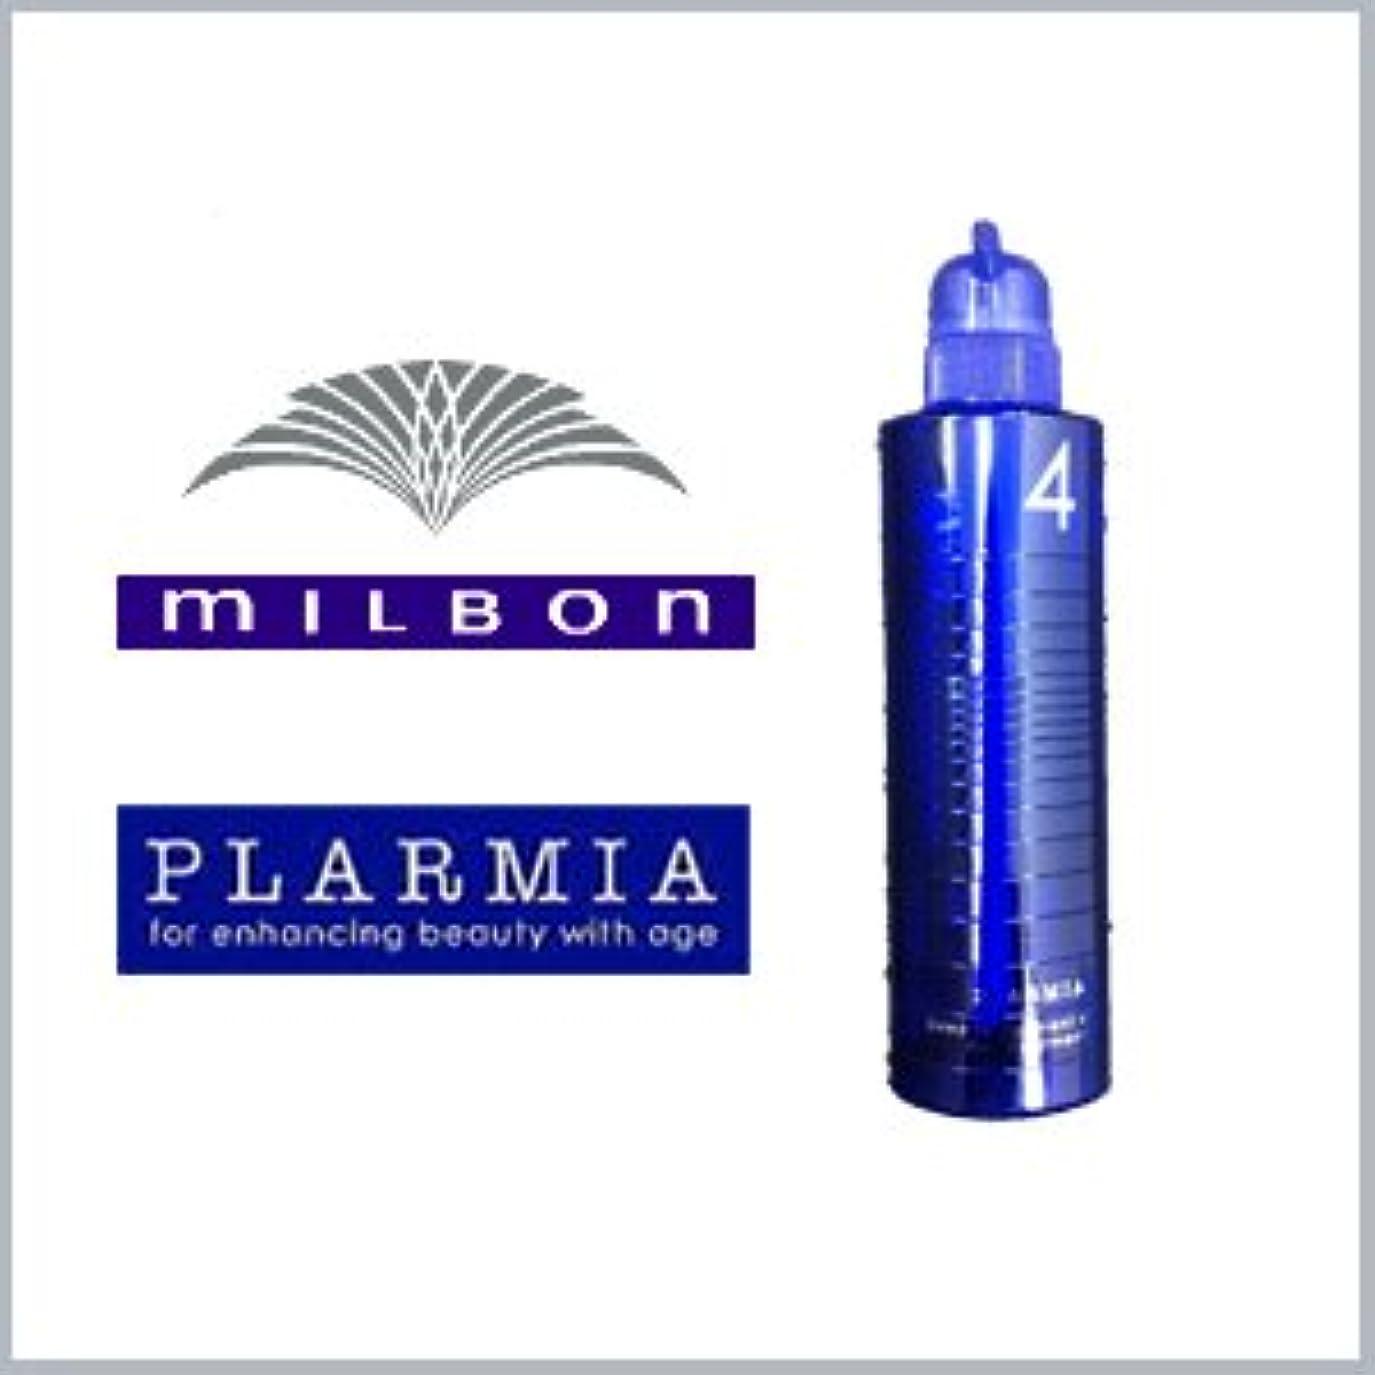 定期的影響する優勢【X3個セット】 ミルボン プラーミア ディープエナジメント4 空容器 200g